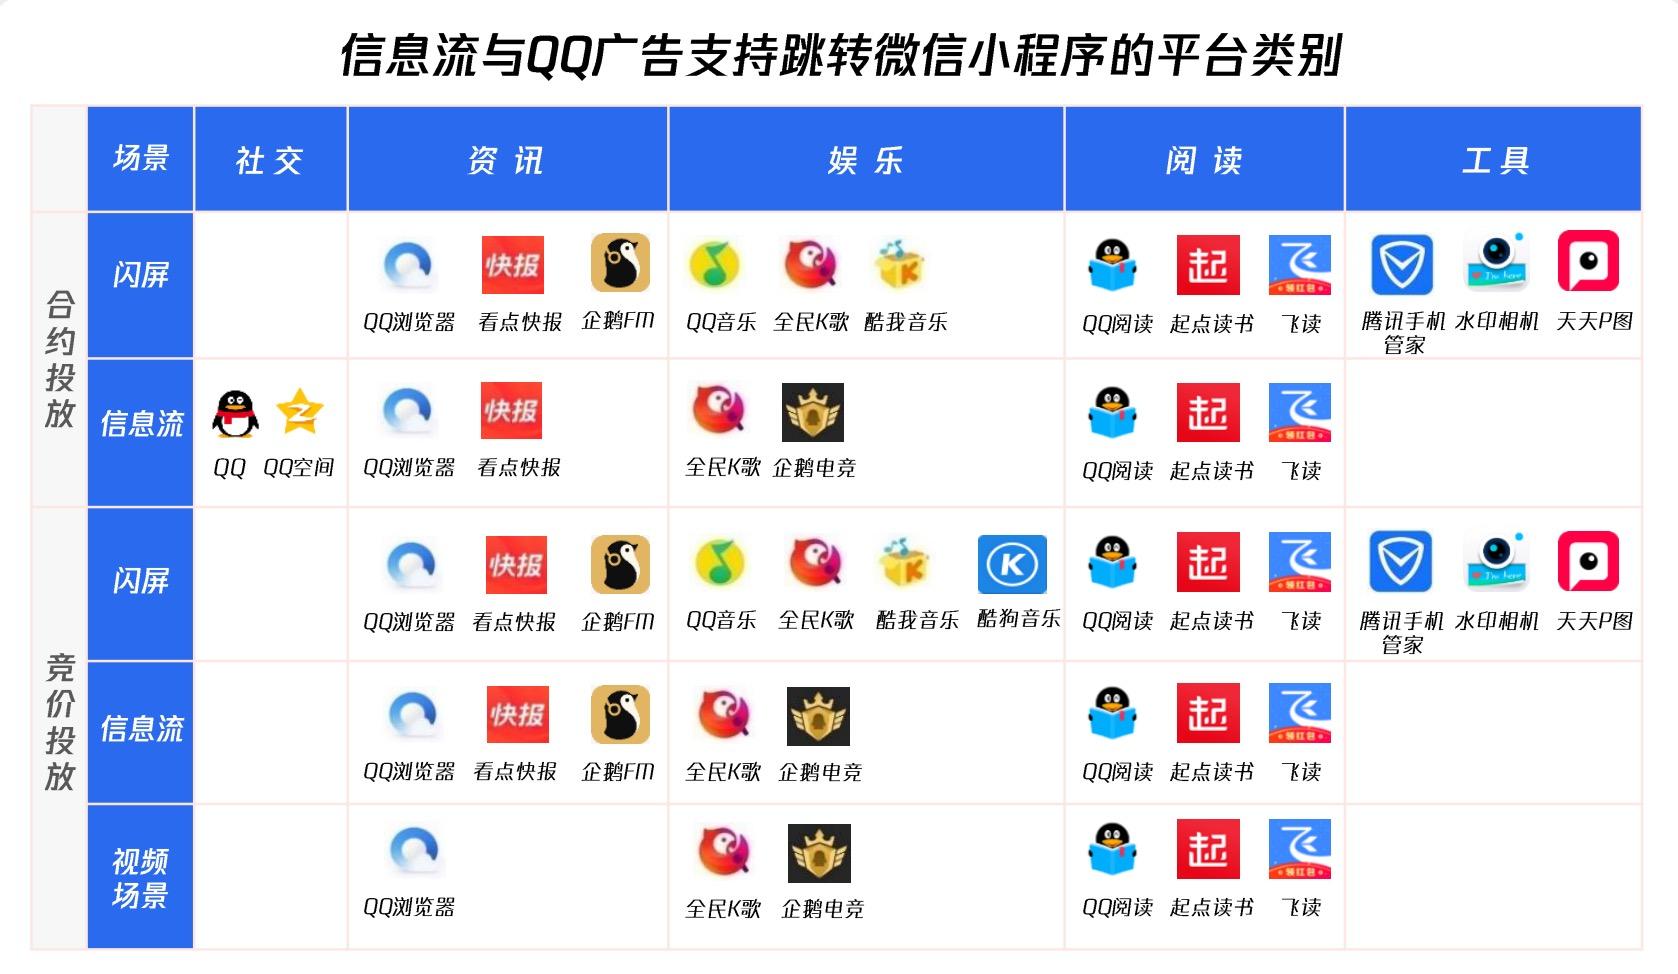 信息流与QQ广告支持跳转微信小程序,全能力图谱